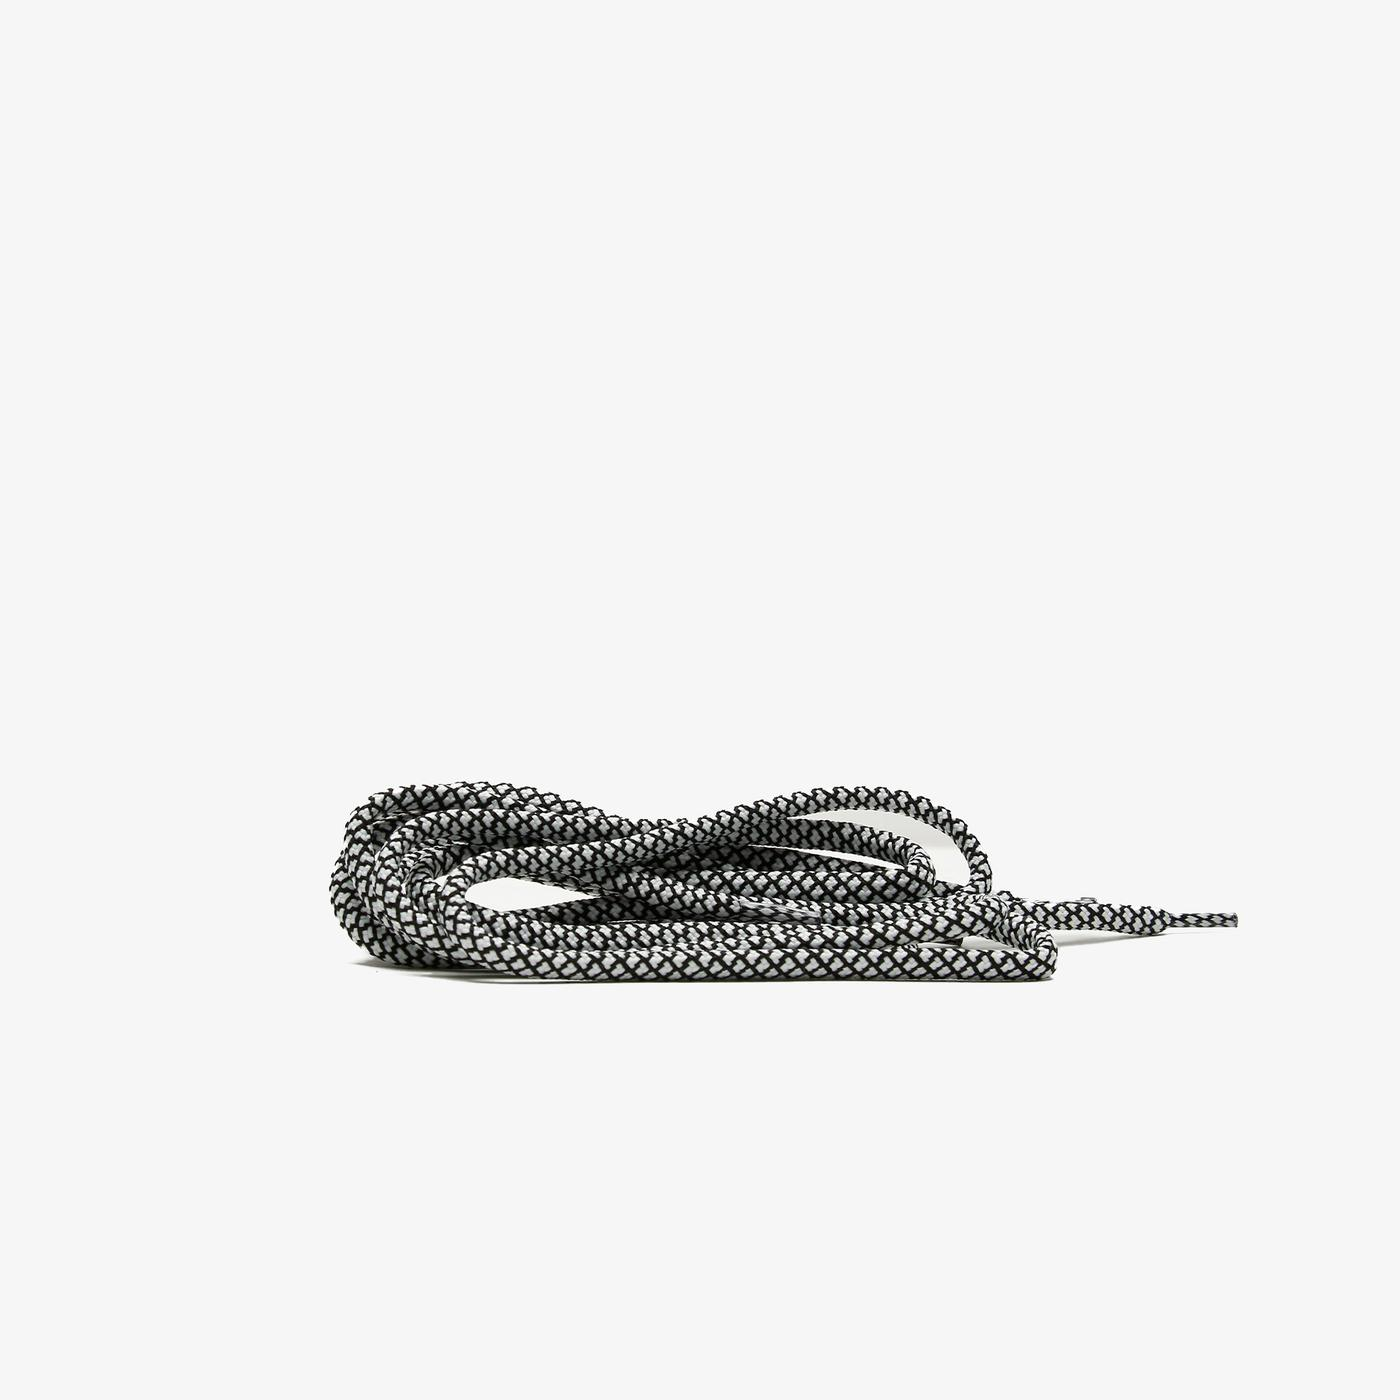 Take a Baacık Unisex Siyah Ayakkabı Bağcığı